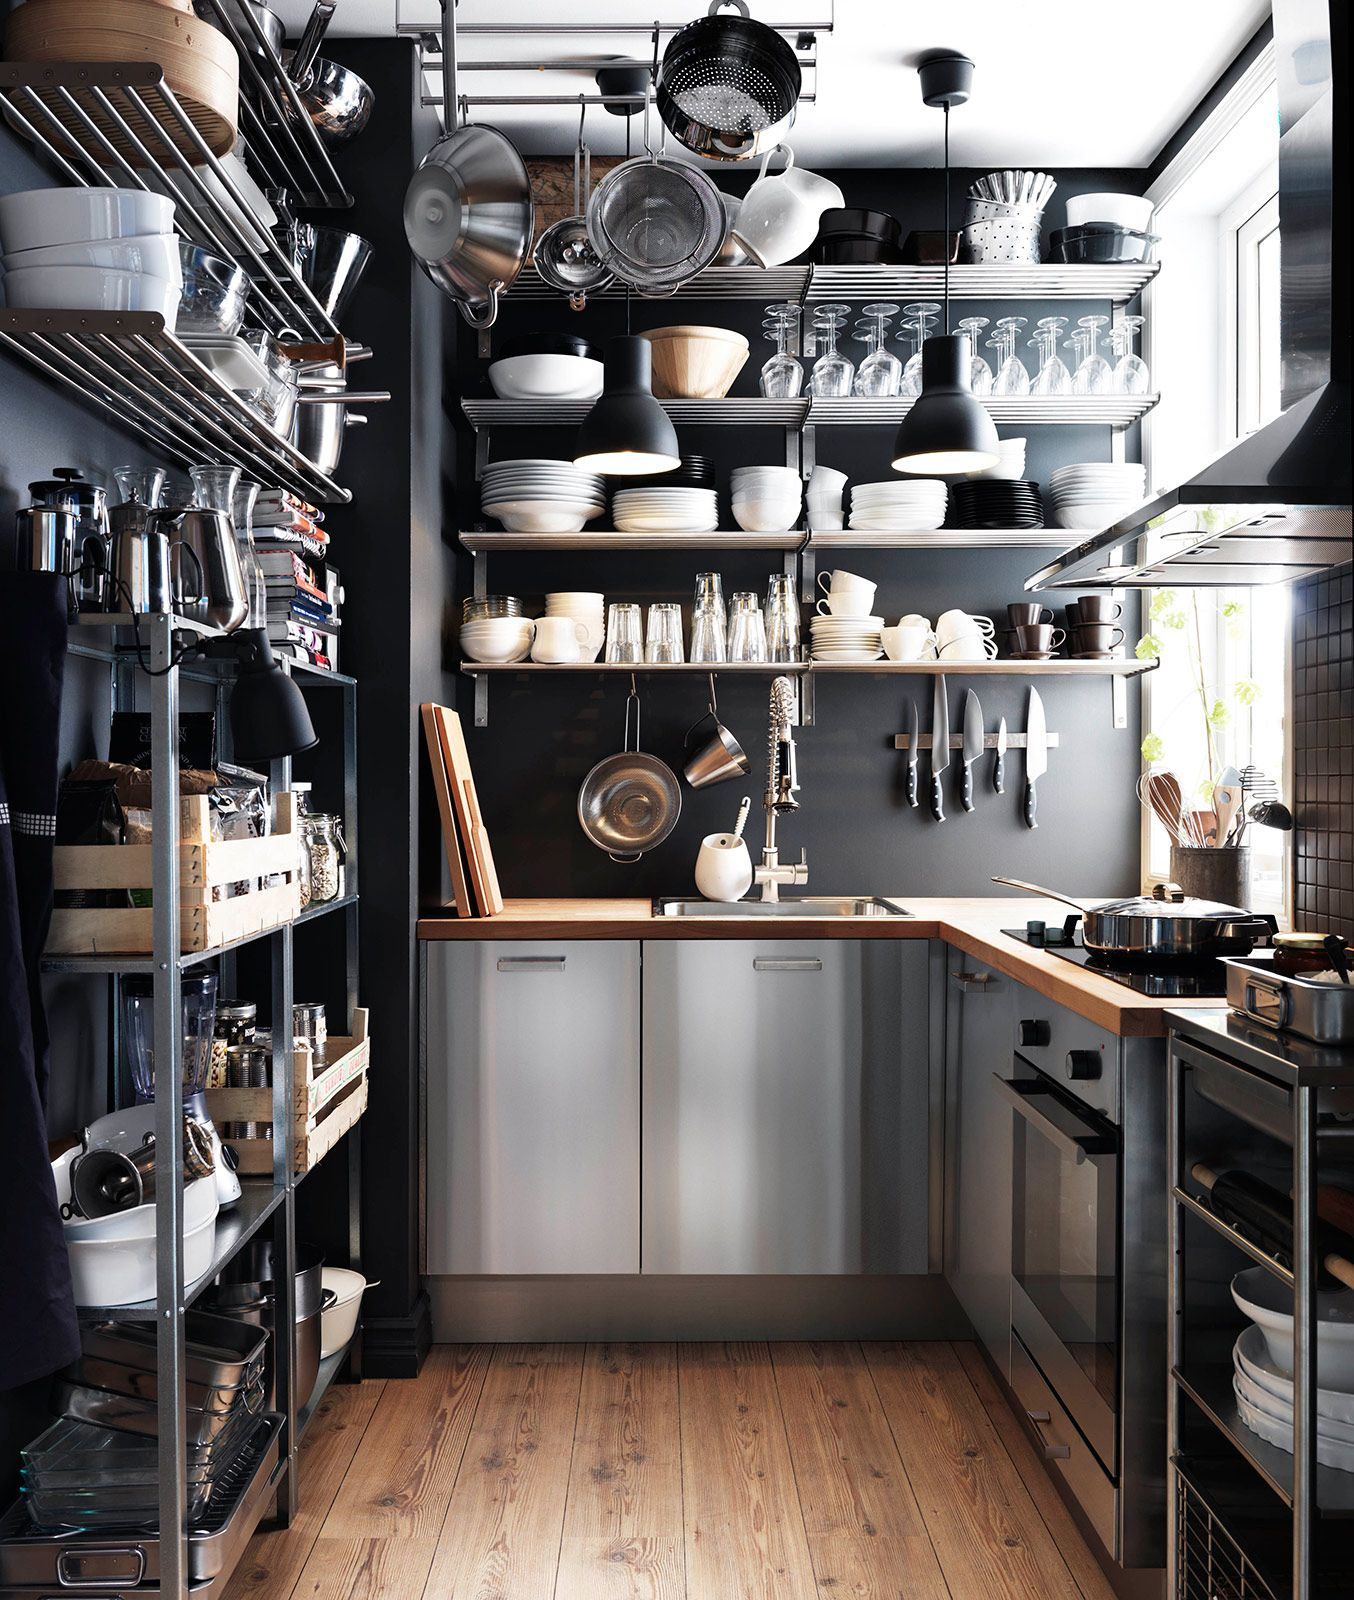 Cucina: che moduli scelgo per la dispensa | Acciaio inossidabile ...